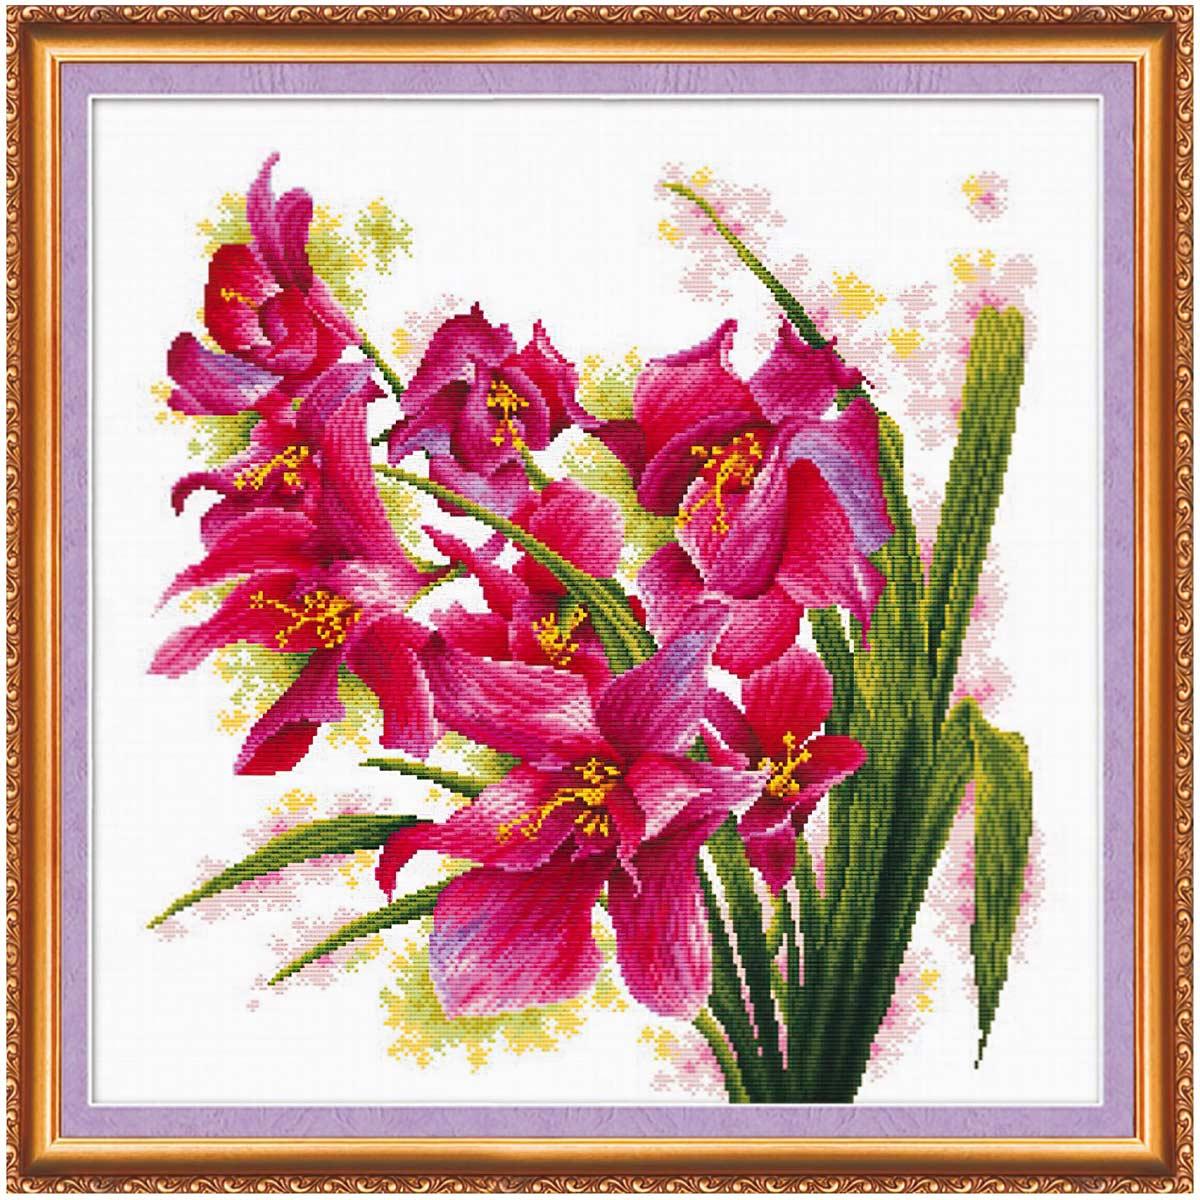 АН-003 Набор для вышивания крестом 'Лиловые орхидеи' 40*40см